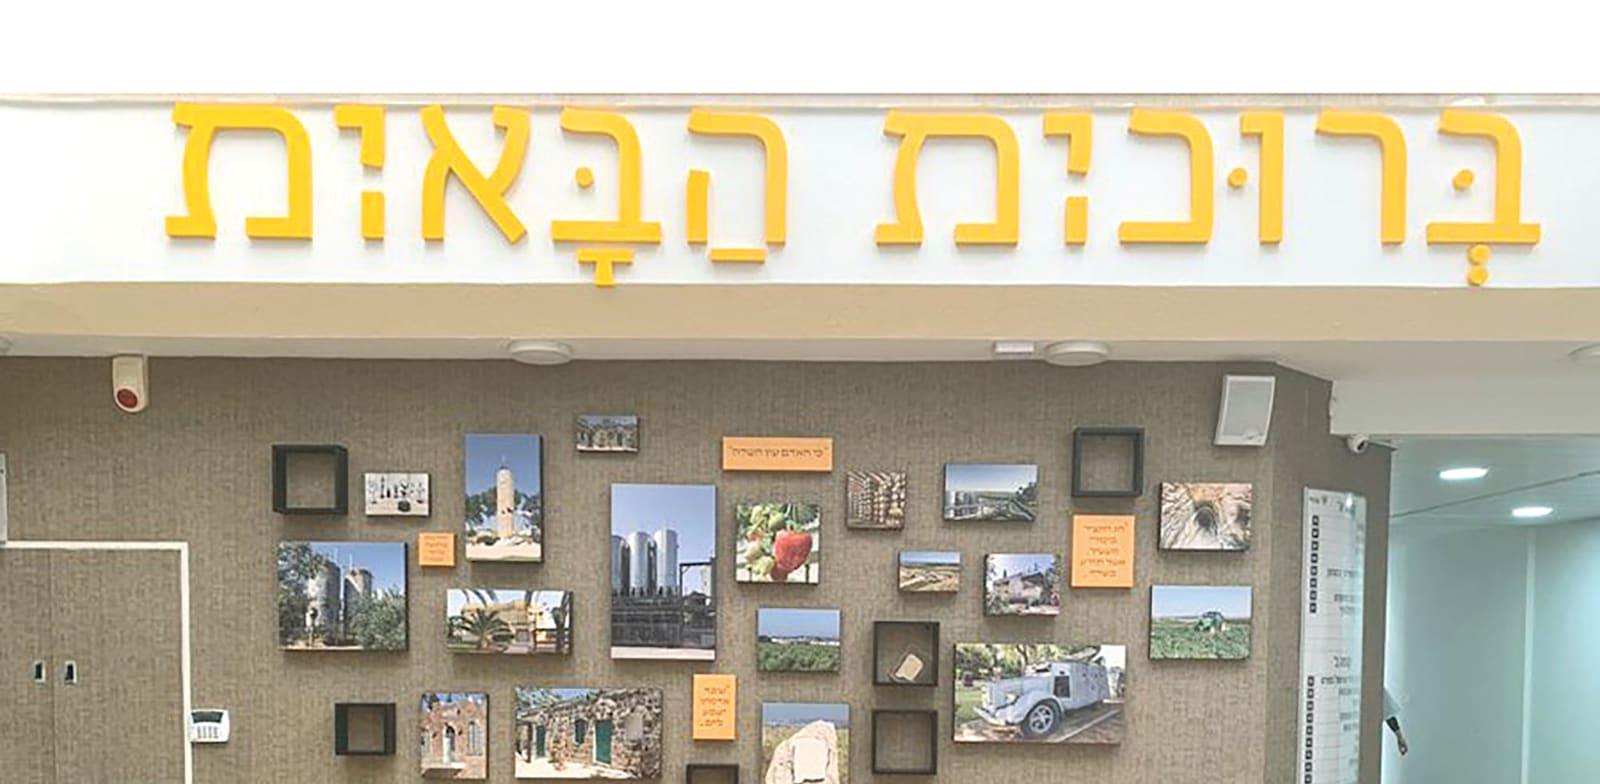 """שלט הכניסה למועצת גזר. """"יוצר מרחב מכבד לנשים וגברים כאחד""""  / צילום: מועצה אזורית גזר"""